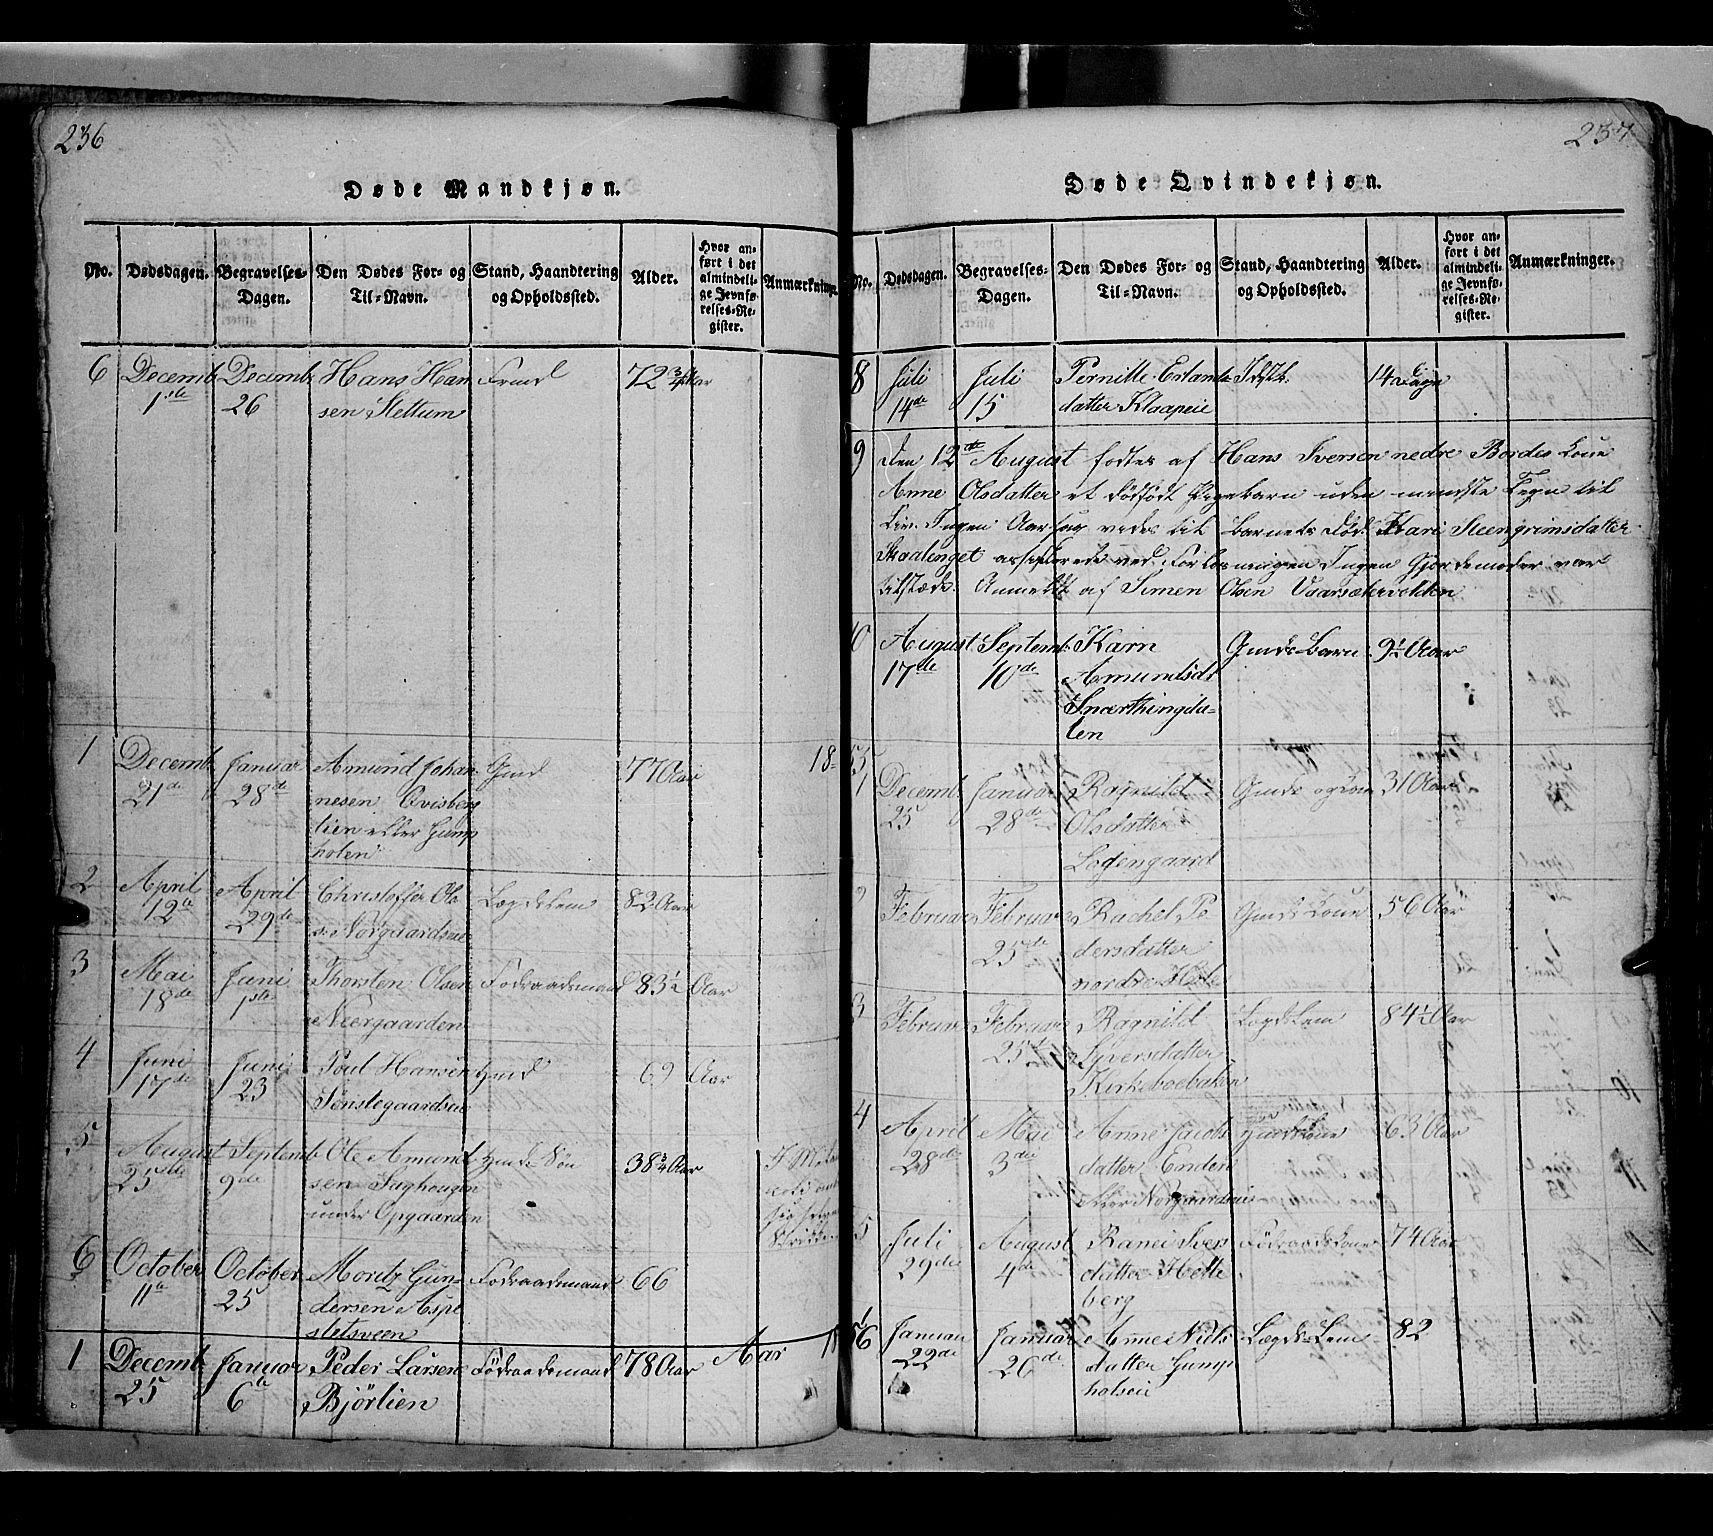 SAH, Gausdal prestekontor, Klokkerbok nr. 2, 1818-1874, s. 236-237